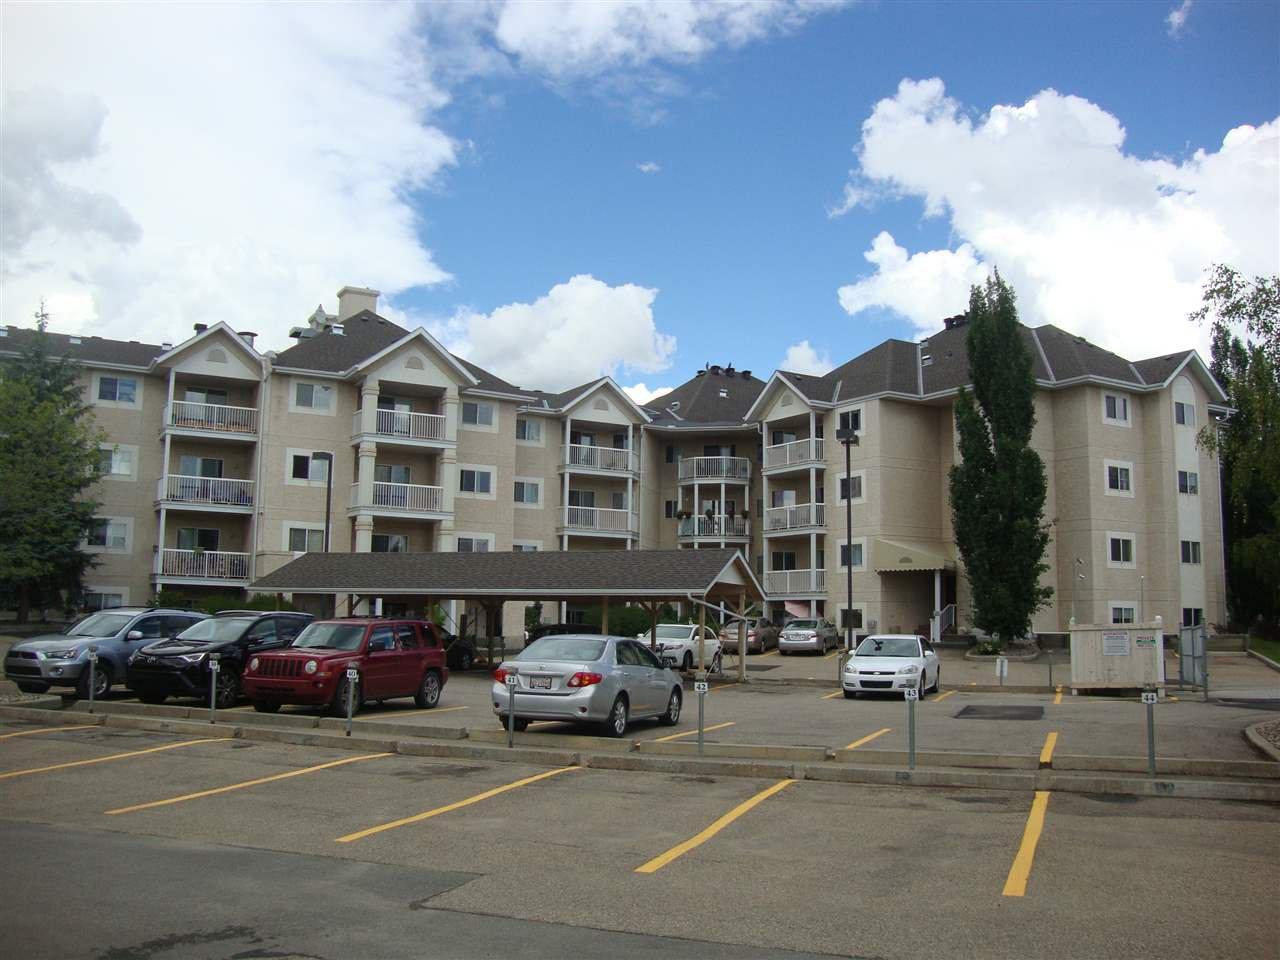 Photo 3: Photos: 306 11620 9A Avenue in Edmonton: Zone 16 Condo for sale : MLS®# E4164657